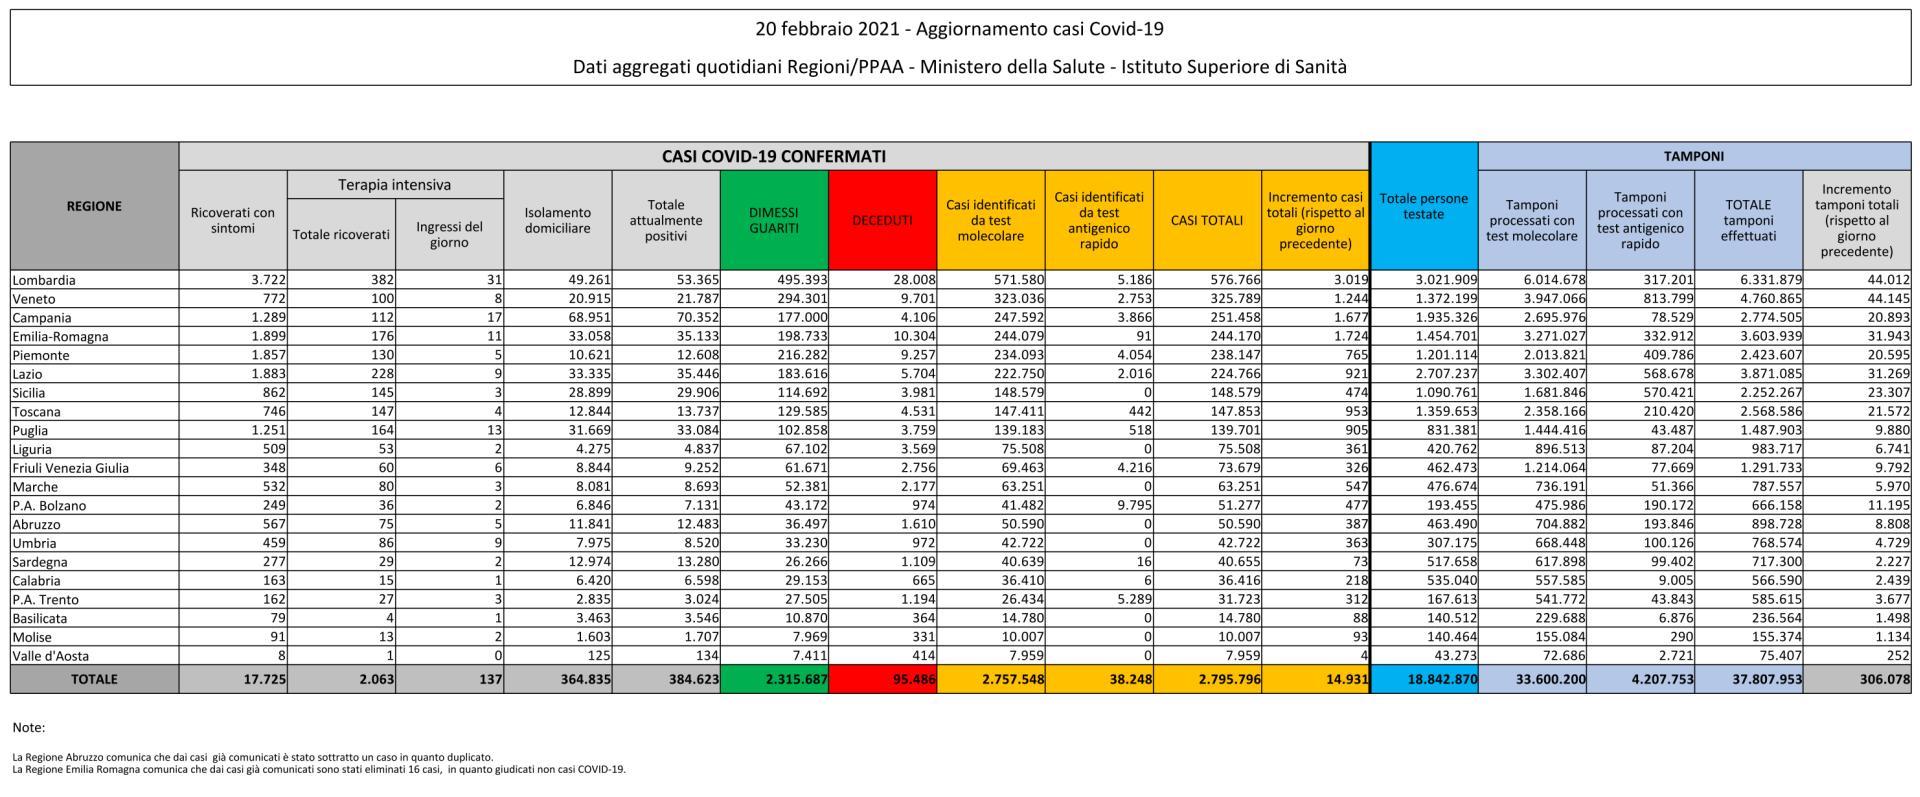 20 febbraio 2021 - Aggiornamento casi Covid-19 Dati aggregati quotidiani Regioni/PPAA - Ministero della Salute - Istituto Superiore di Sanità